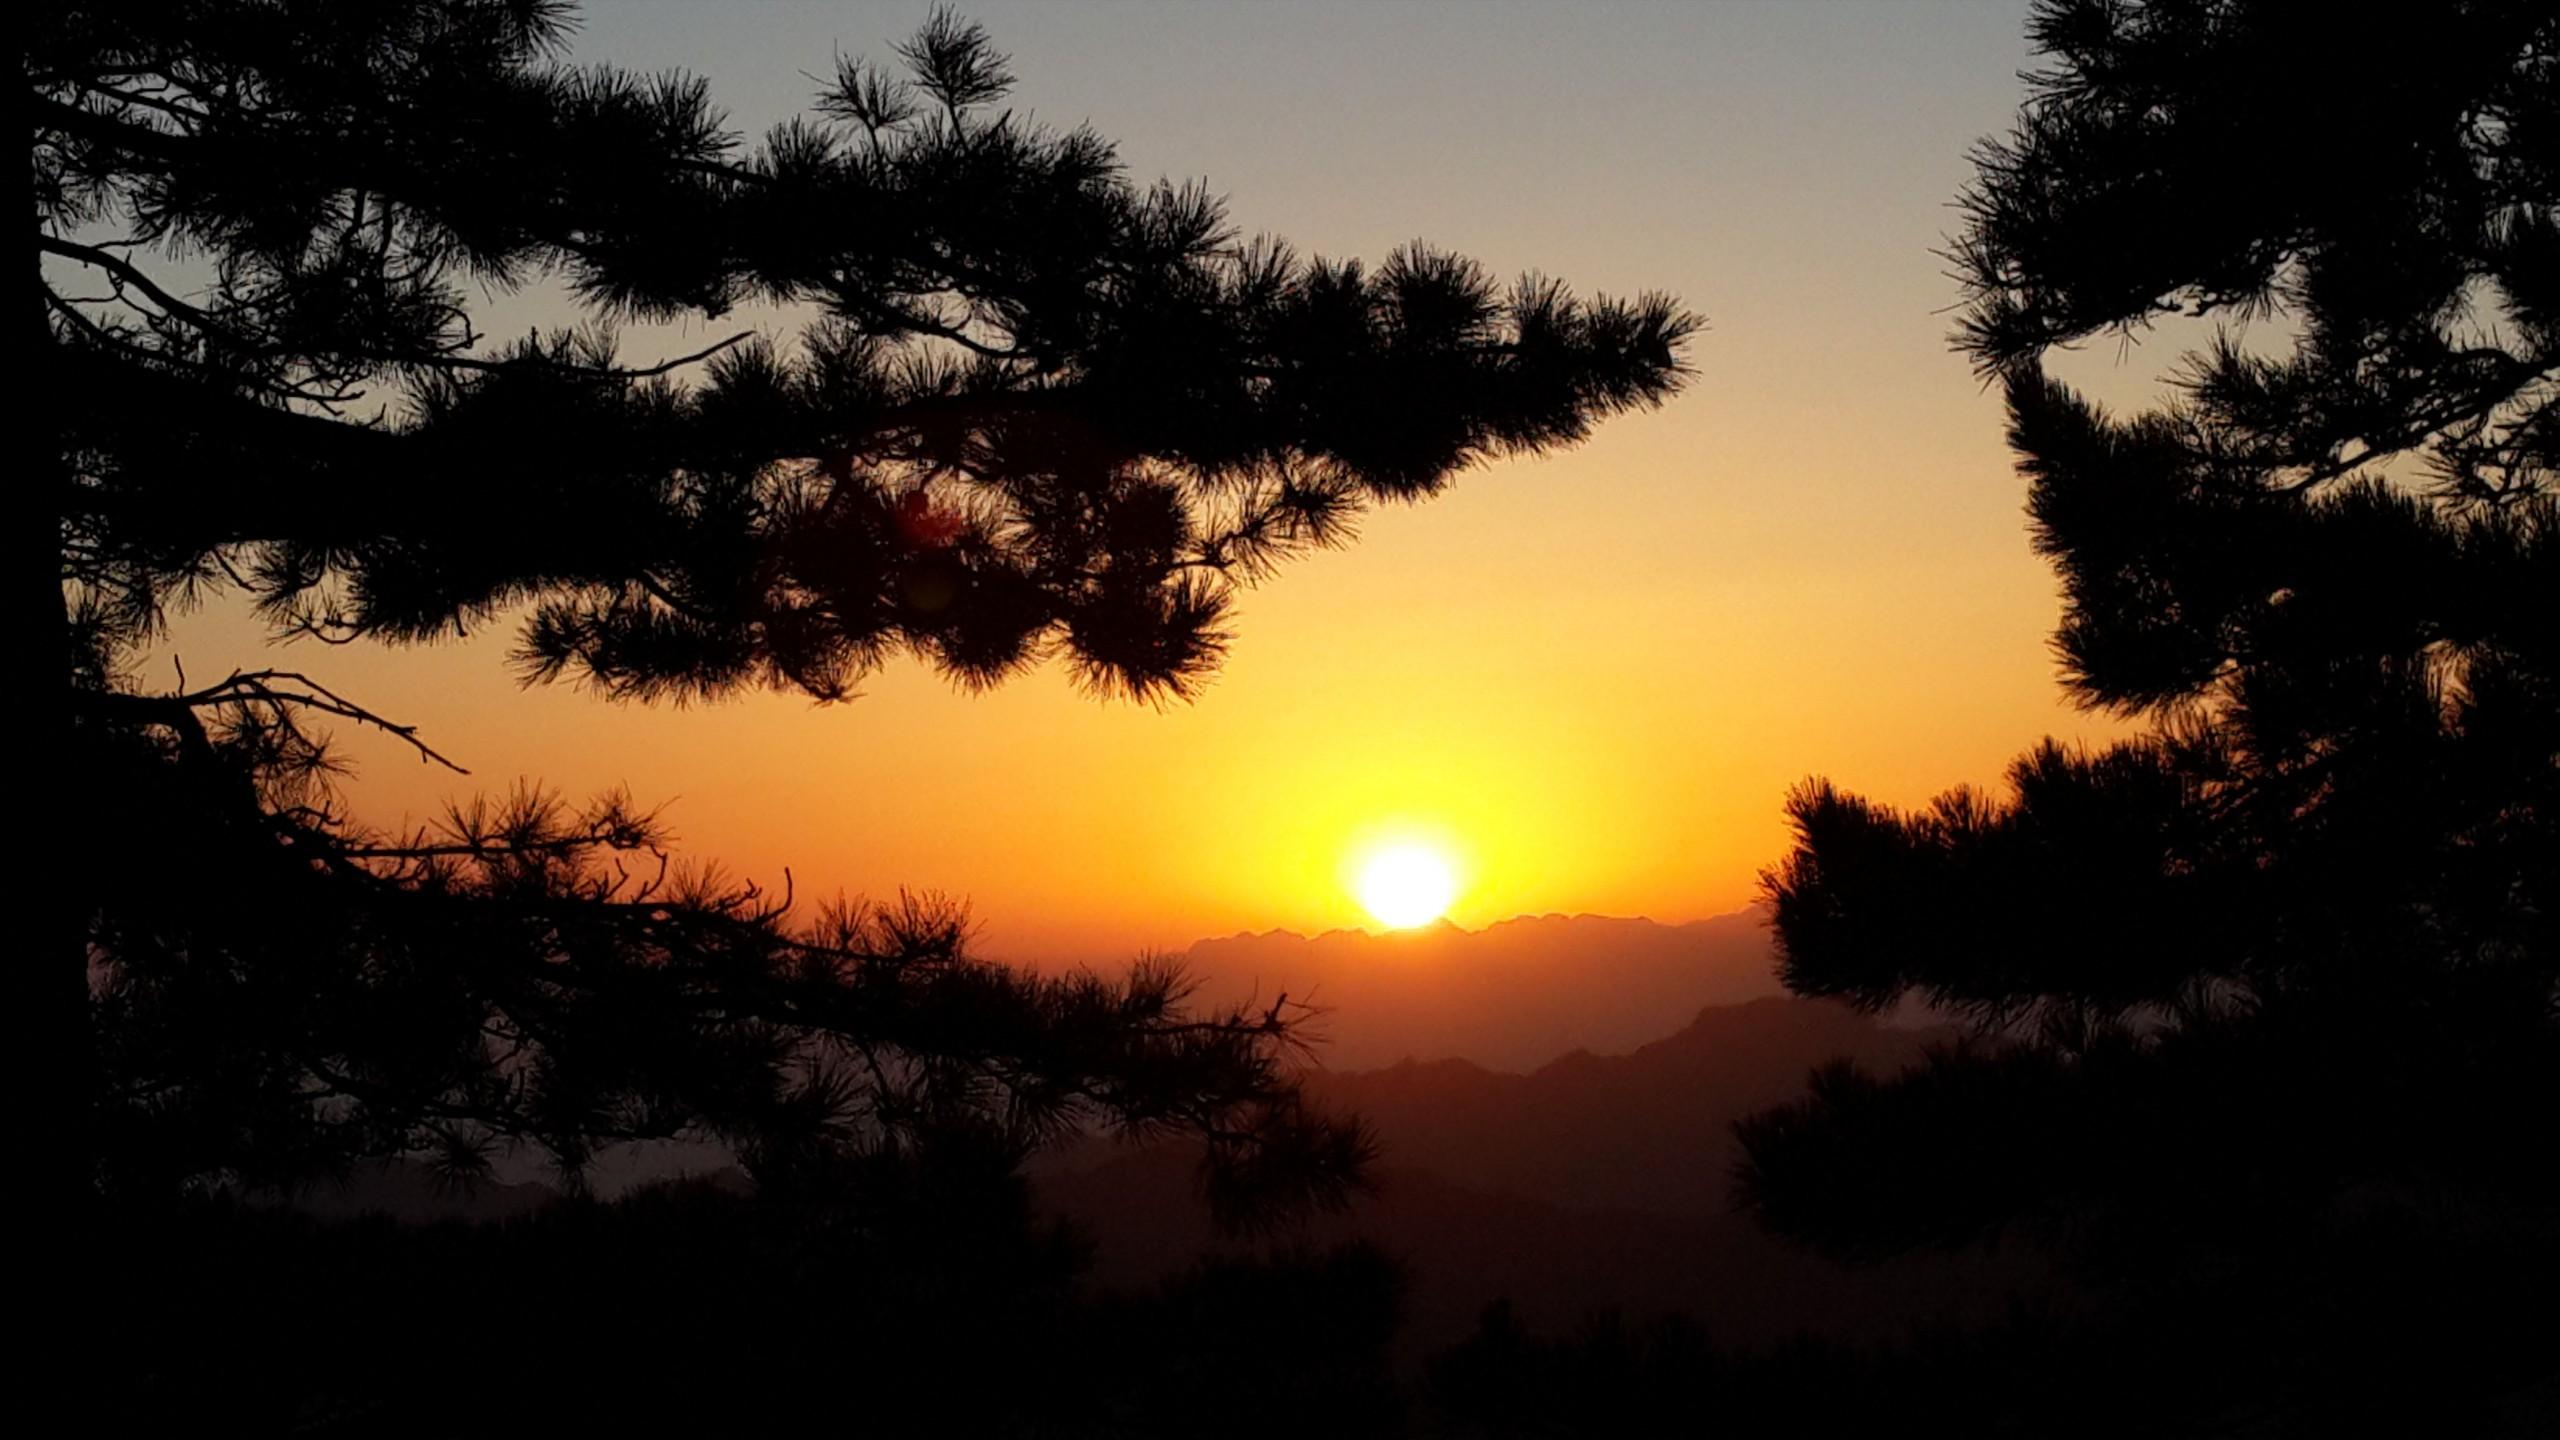 初升的太阳